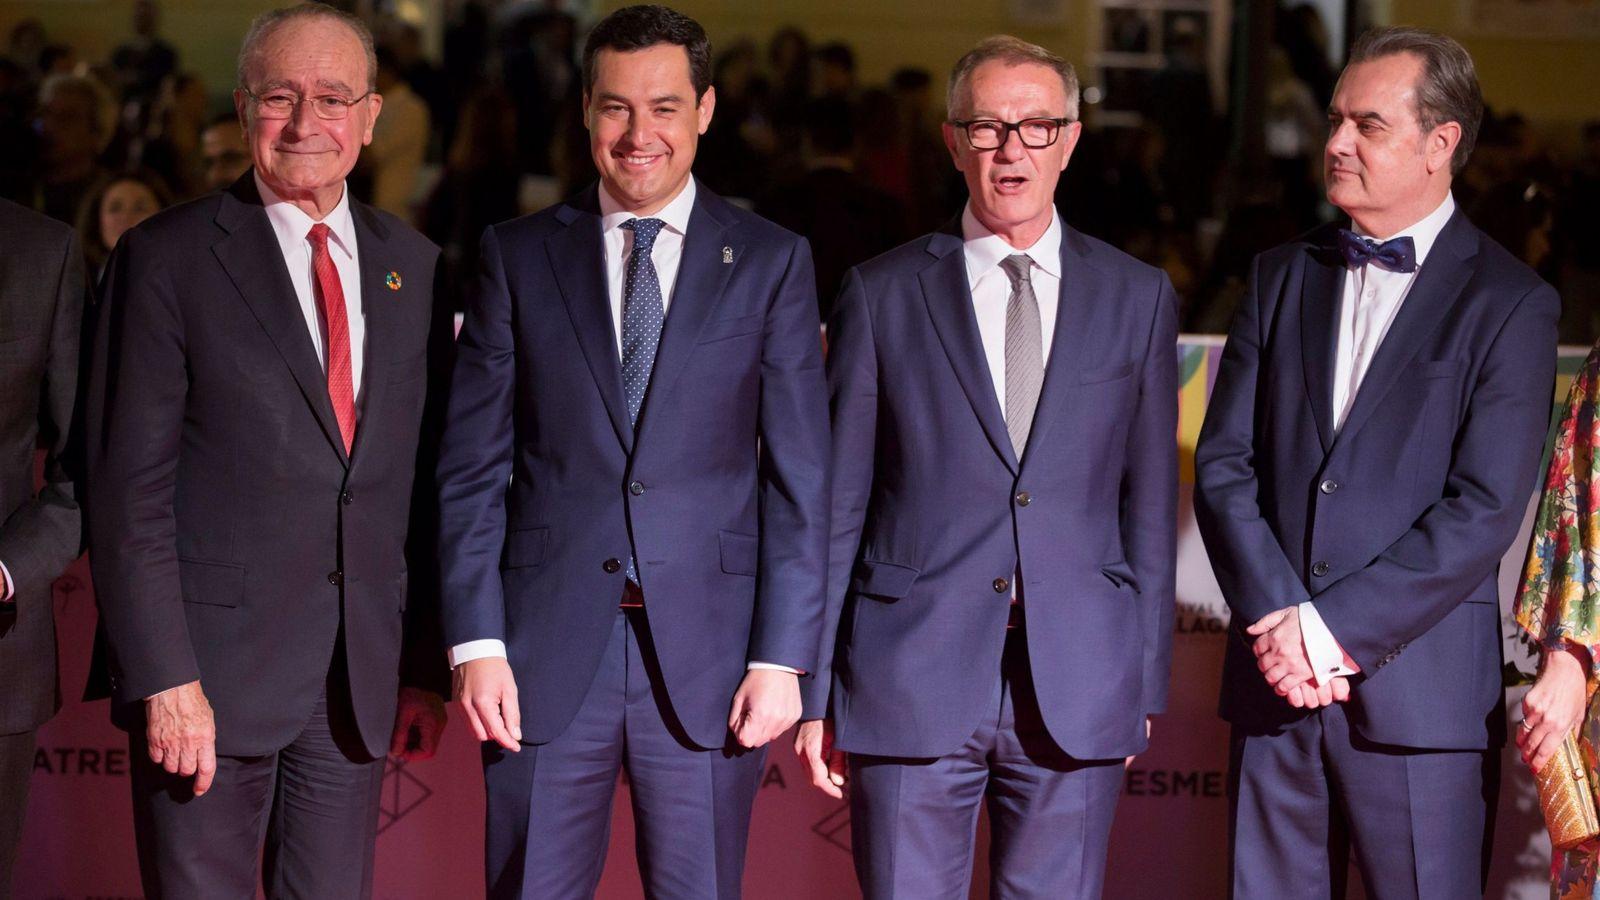 Foto: El alcalde de Málaga, Francisco de la Torre (a la izquierda), junto a Juanma Moreno, José Girao y Juan Antonio Vigar, en el Festival de Cine Español de Málaga (EFE).